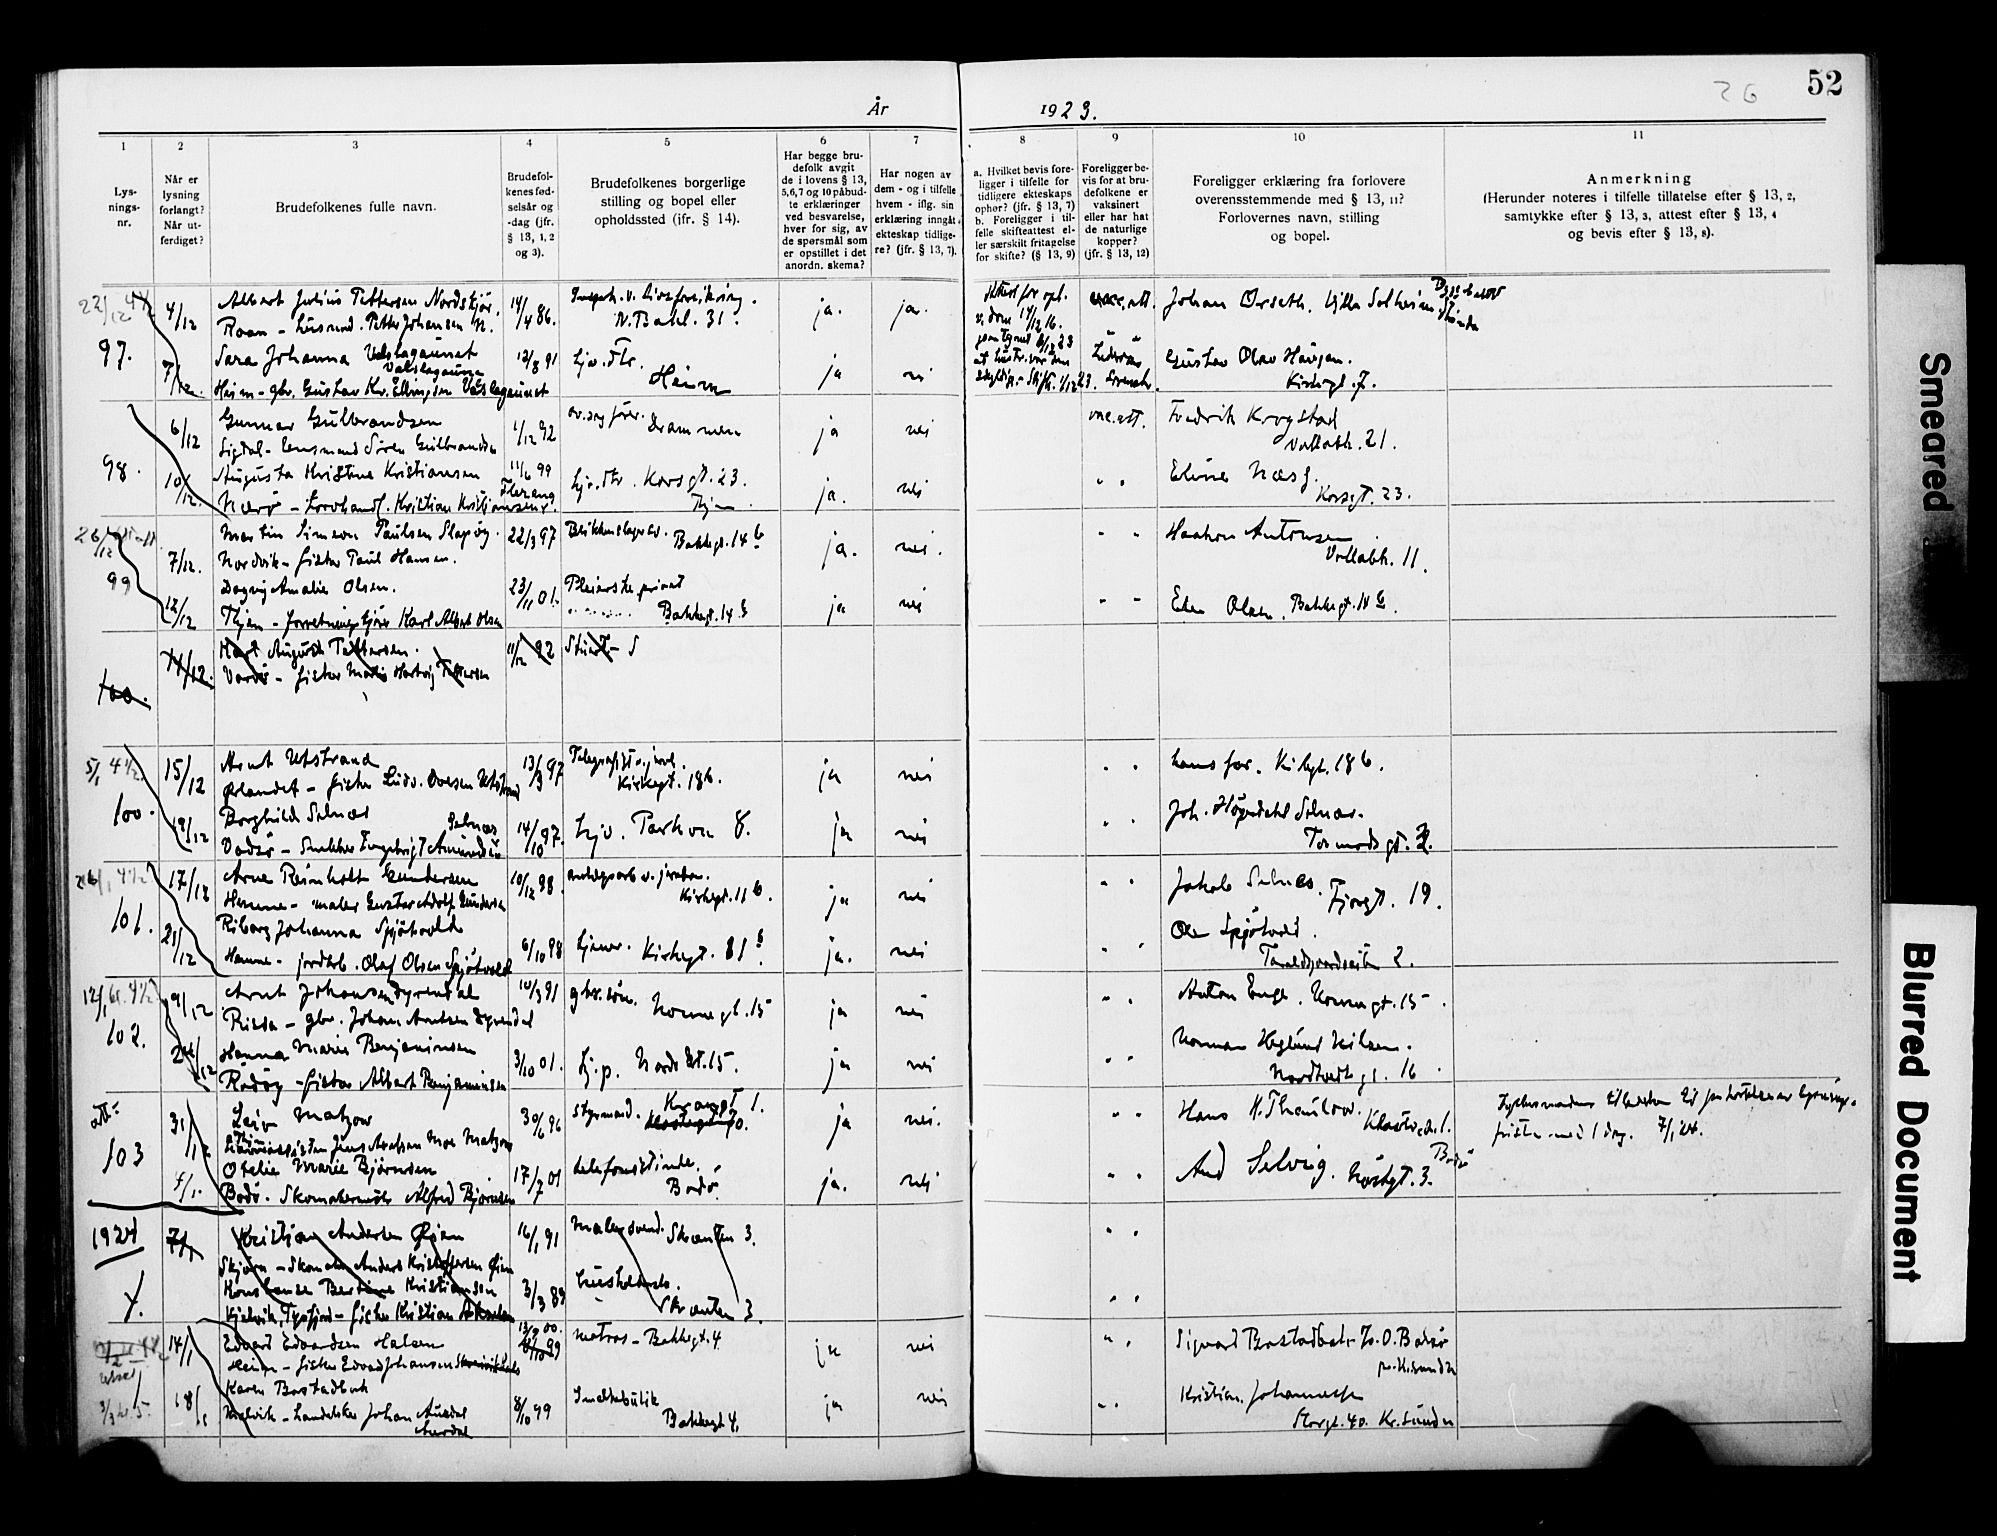 SAT, Ministerialprotokoller, klokkerbøker og fødselsregistre - Sør-Trøndelag, 604/L0196: Lysningsprotokoll nr. 604A17, 1919-1927, s. 52